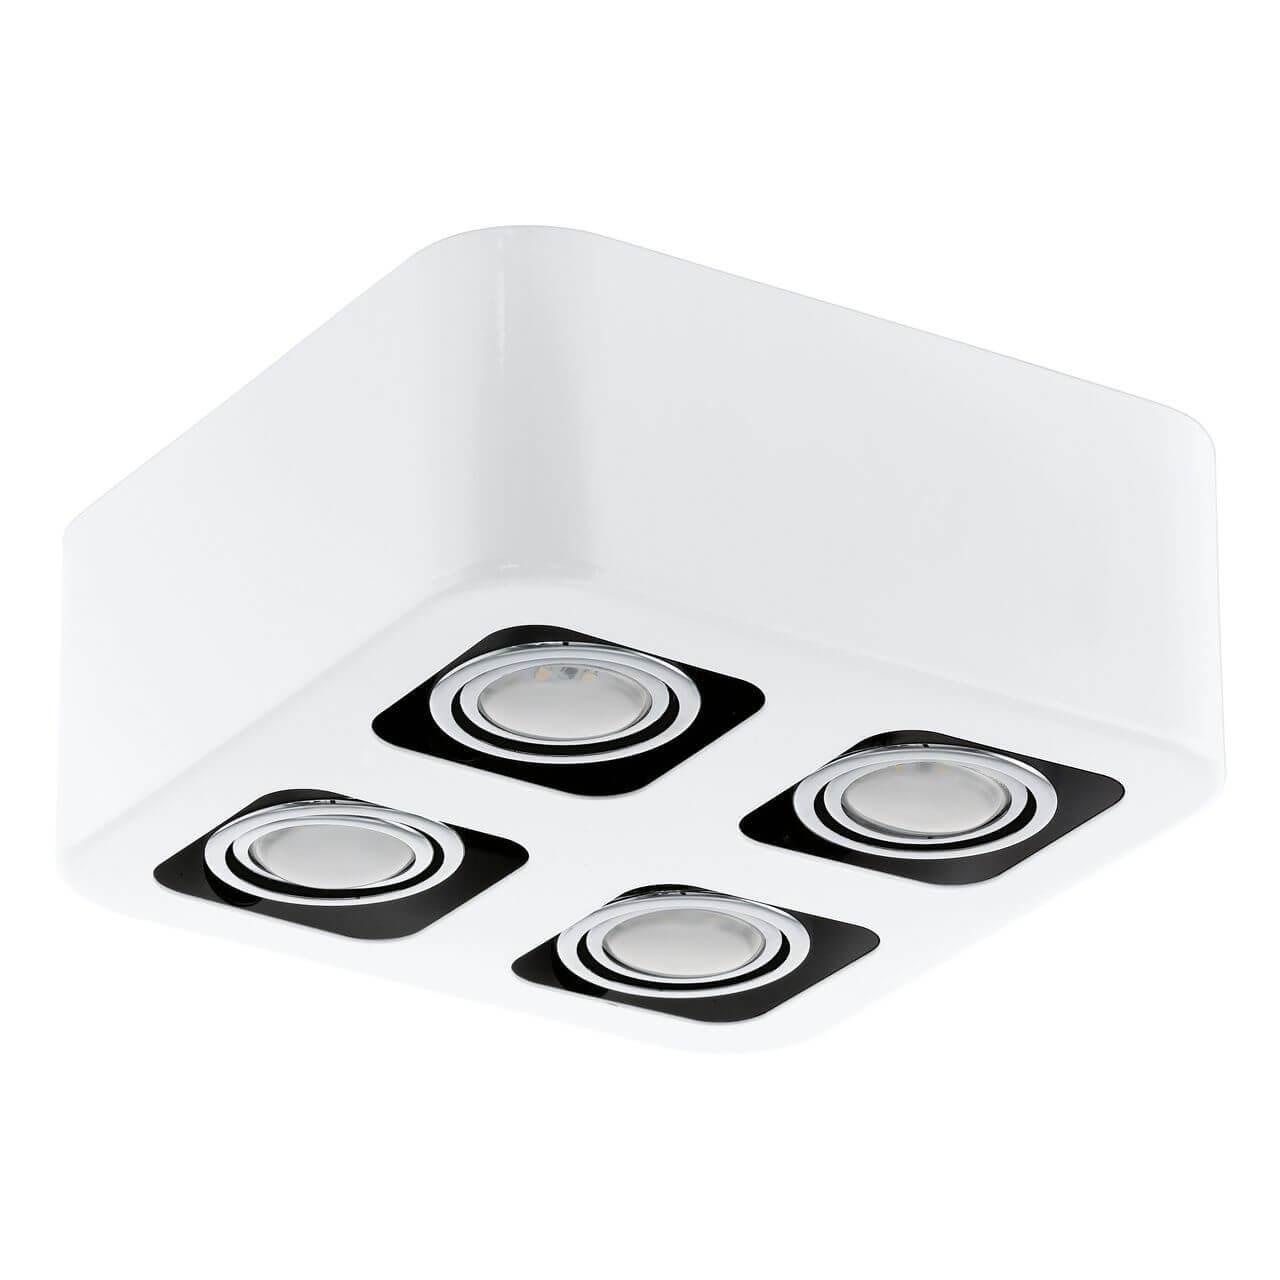 Настенно-потолочный светильник Eglo 93013, GU10, 5 Вт цены